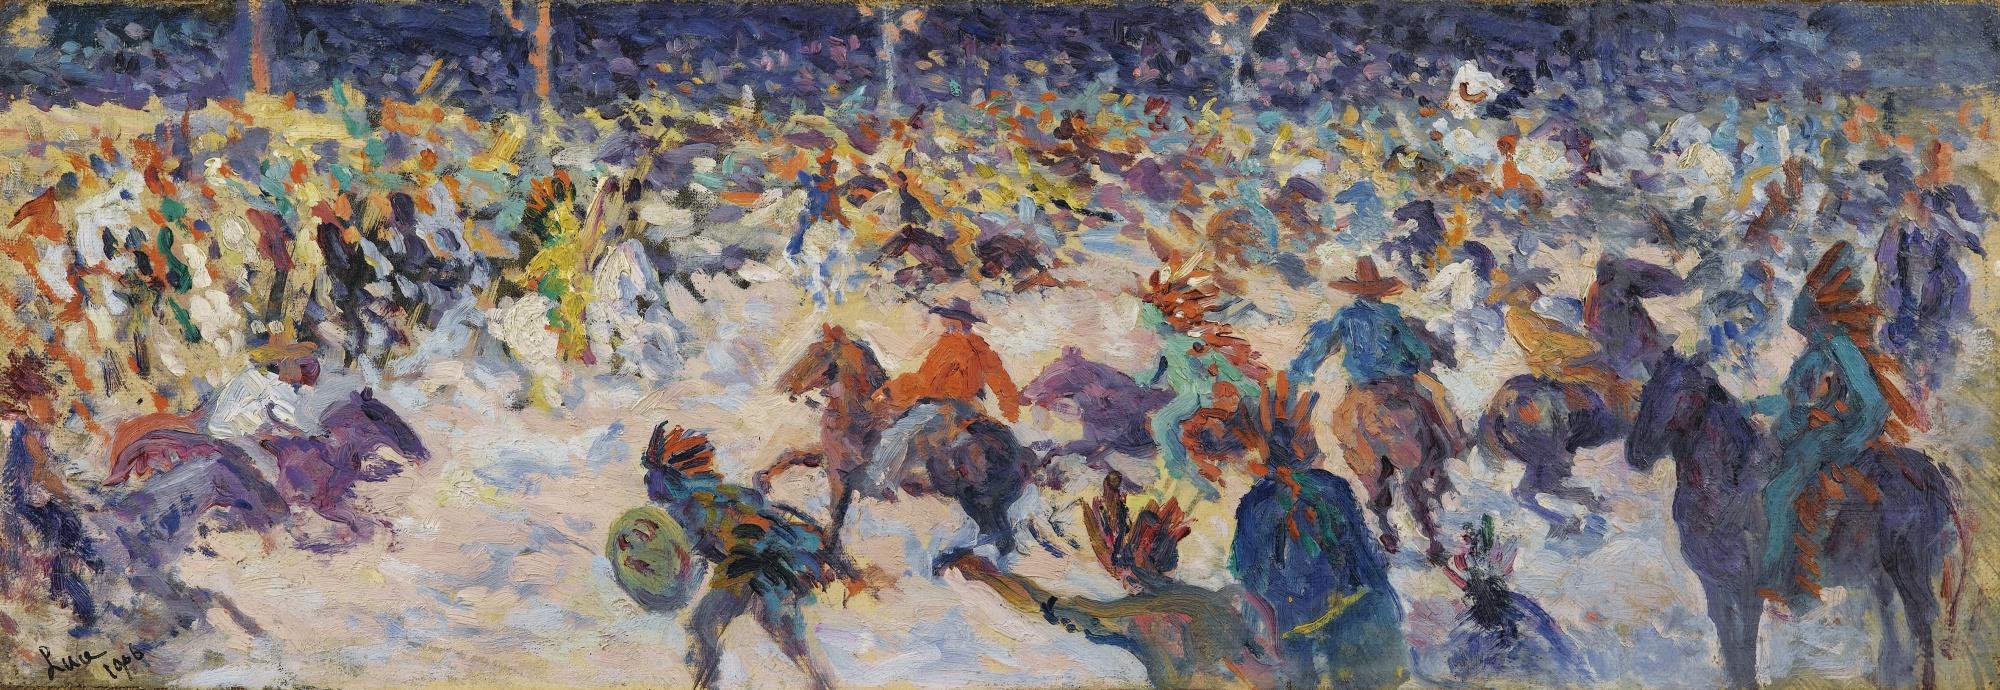 Maximilien Luce-Le Cirque De Buffalo Bill-1906